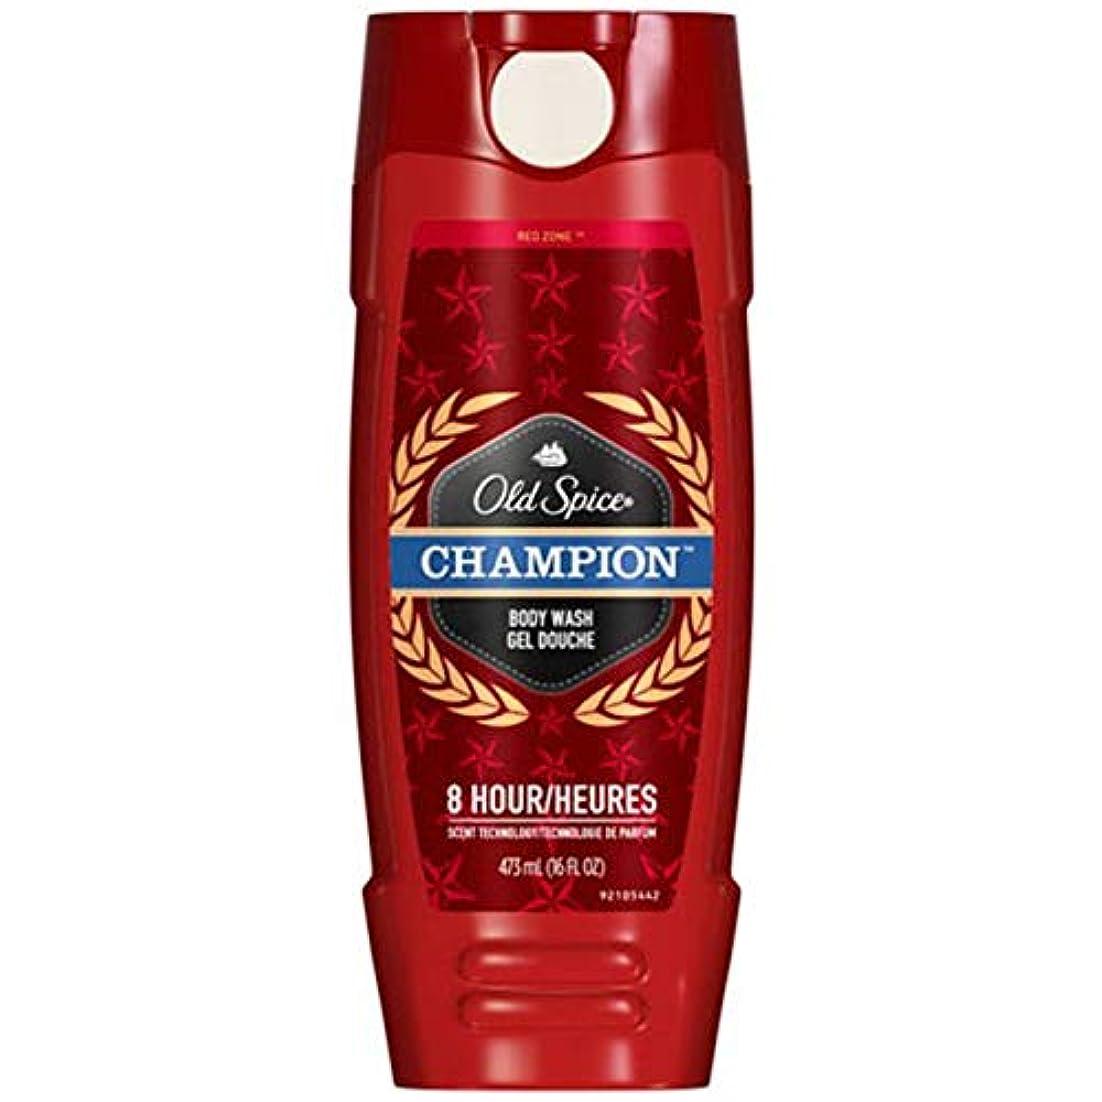 クリック道徳の同一性Old Spice オールドスパイス ボディーウォッシュジェル Red Zone Body Wash GEL 473ml 並行輸入品 (CHAMPION/チャンピオン) [並行輸入品]